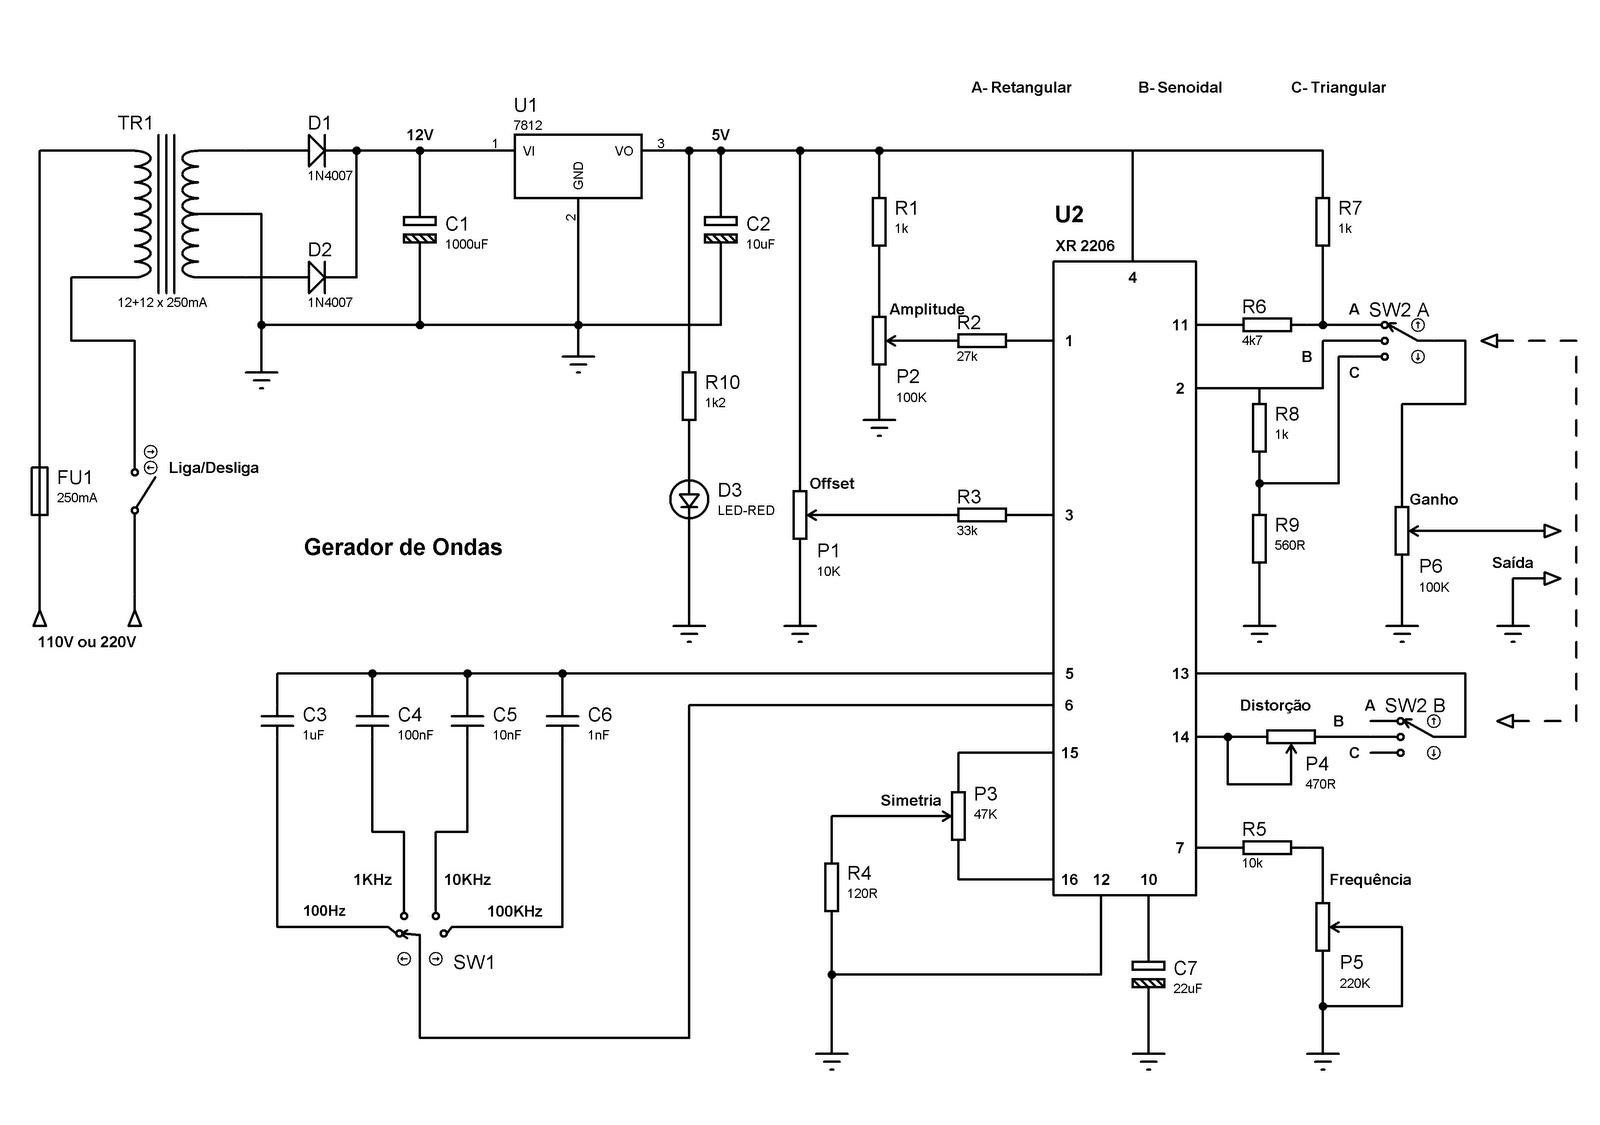 Circuito Xr2206 : Rafcom gerador de ondas